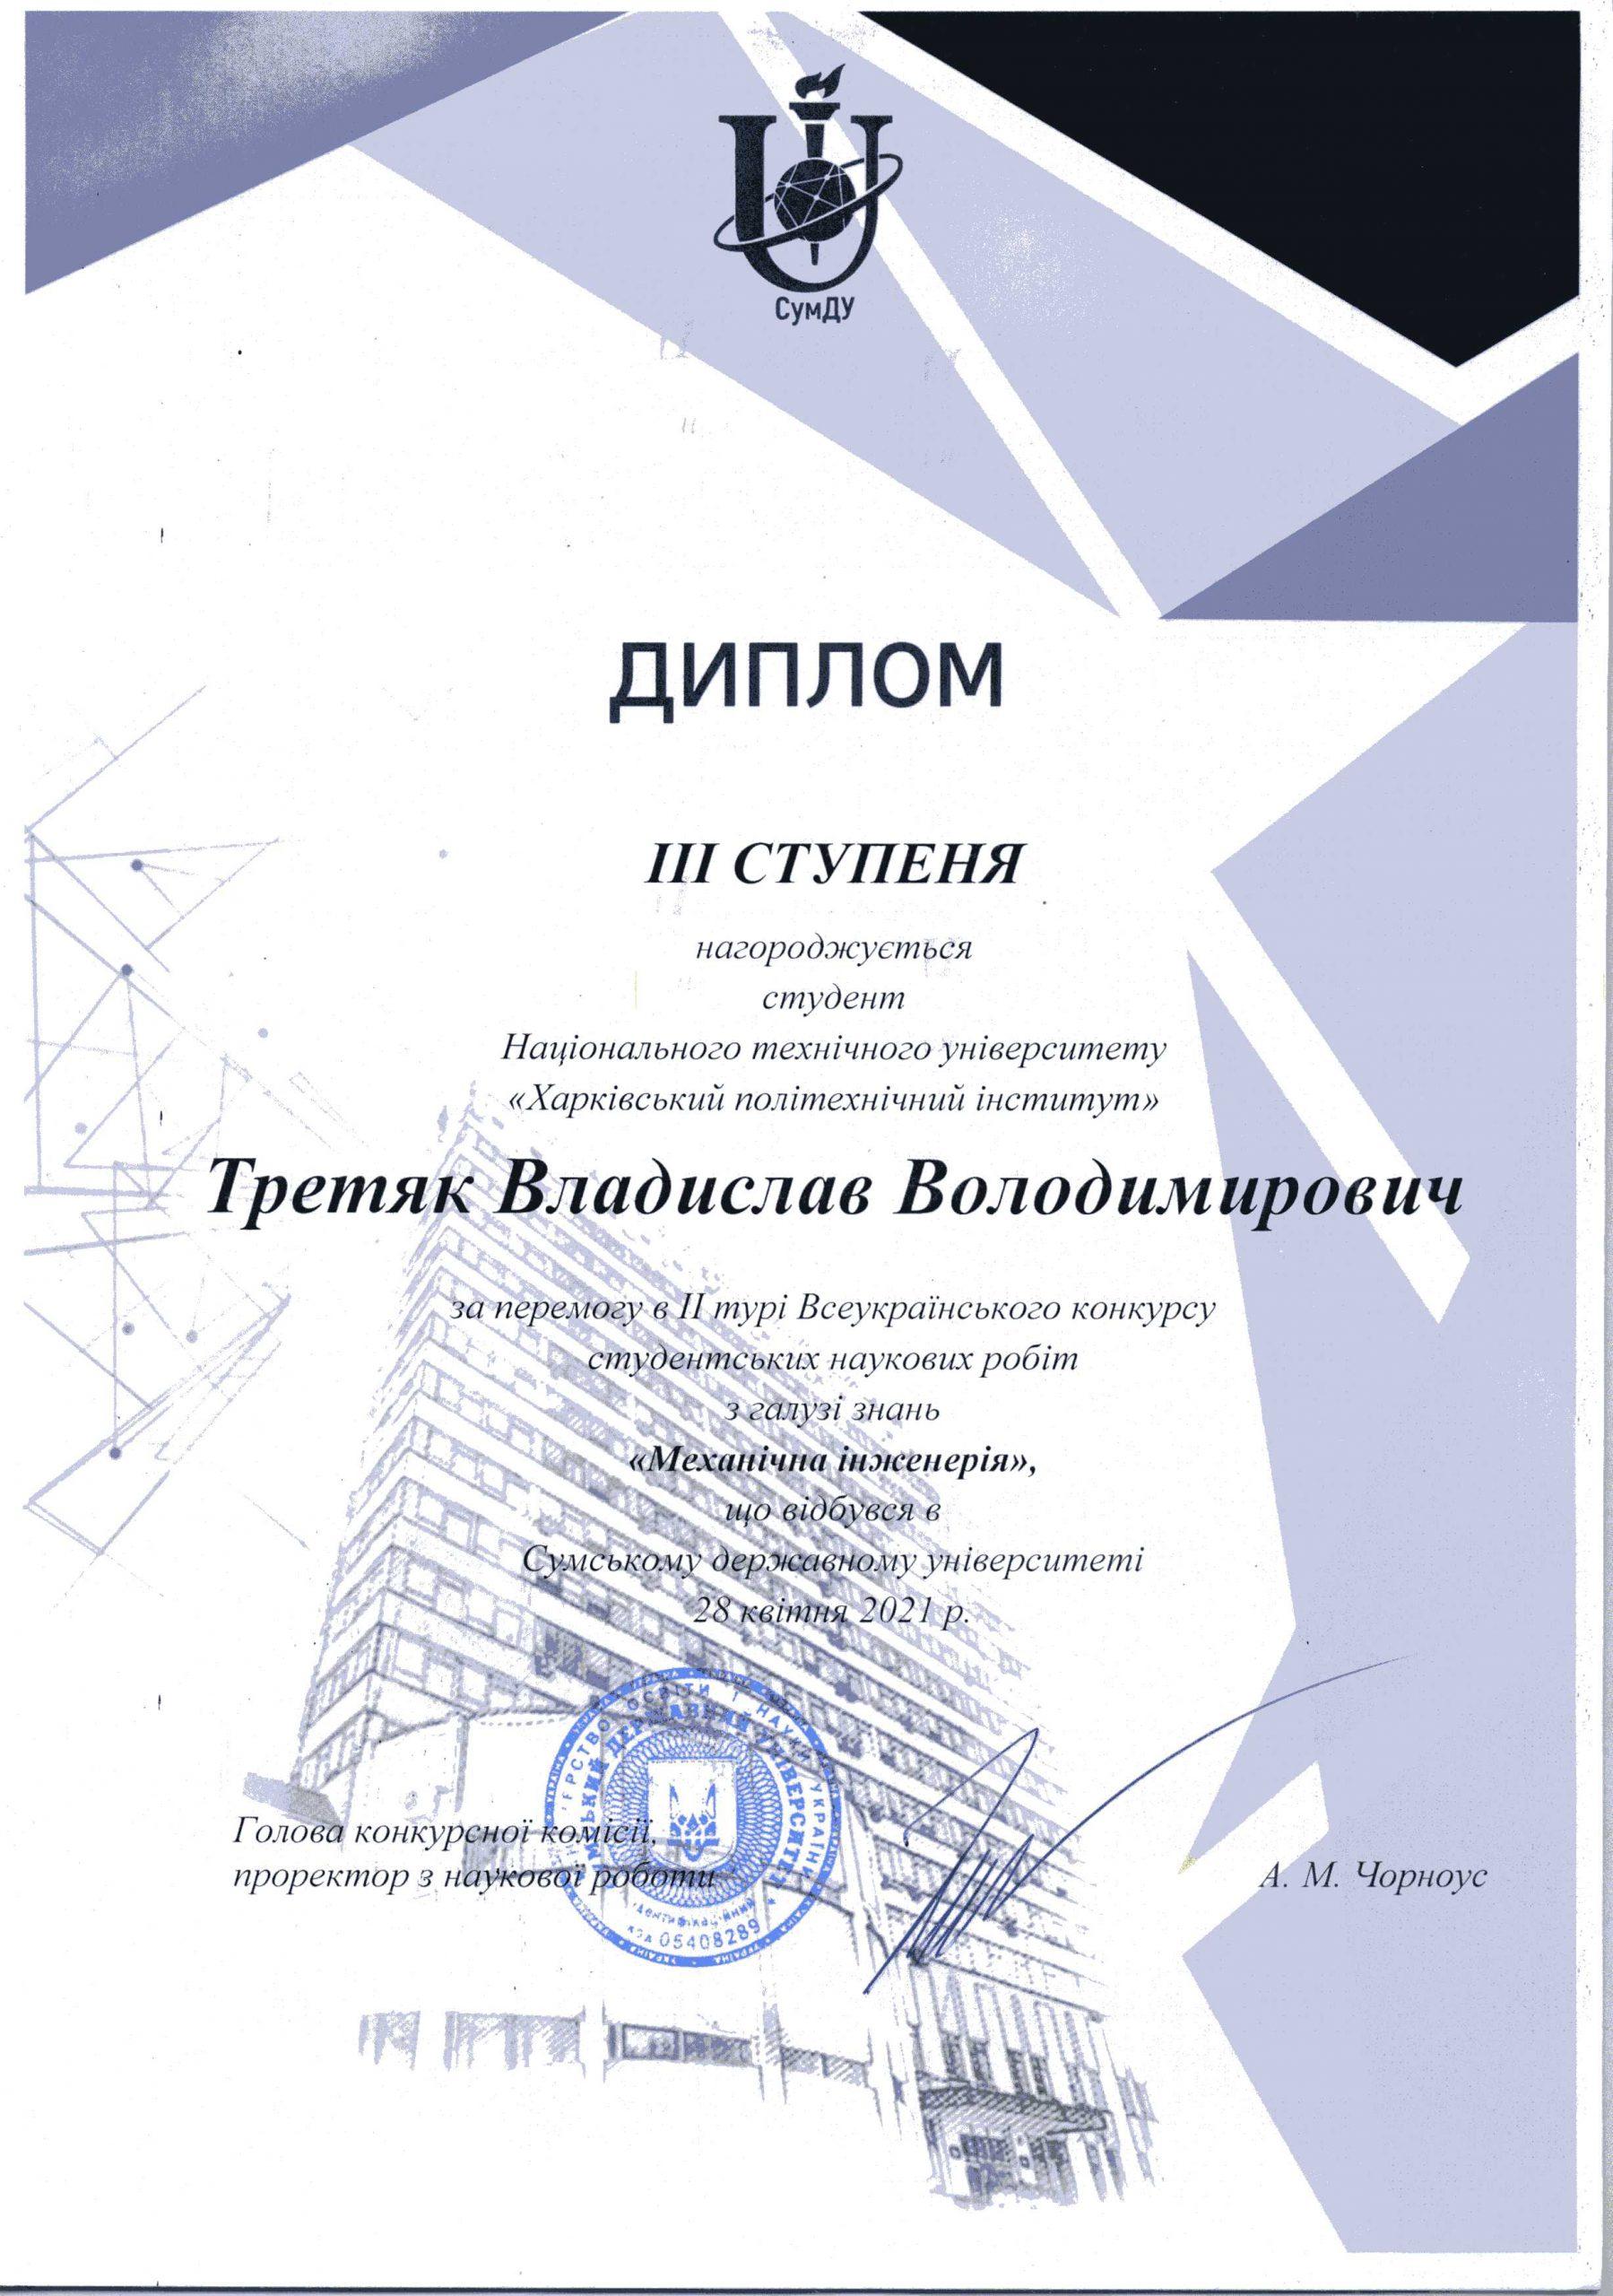 Dip_Третяк IIIm Суми 2021441